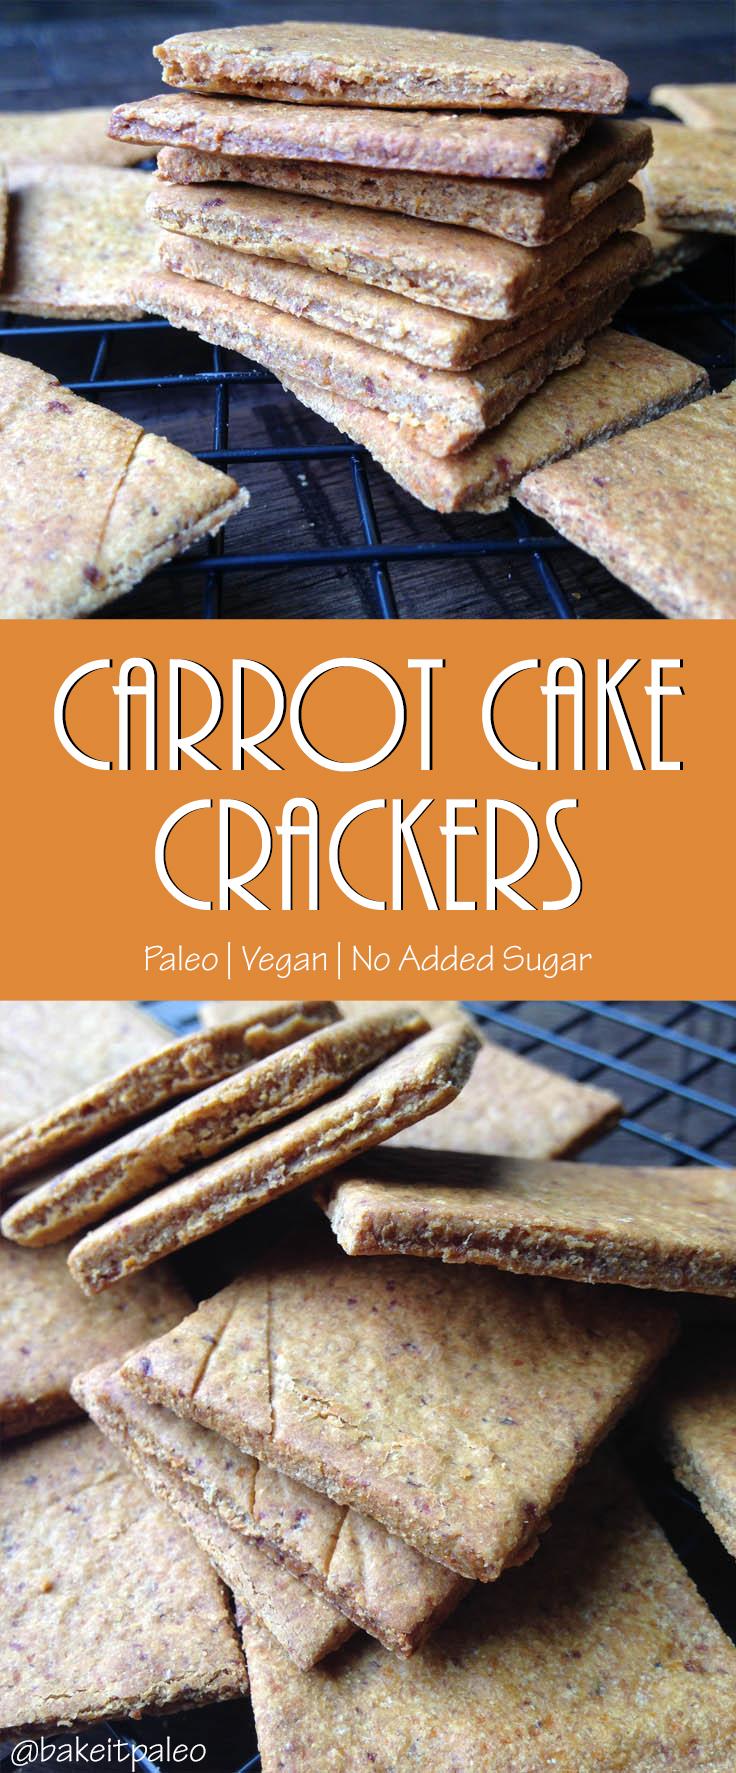 Paleo Carrot Cake Cassava Crackers.jpg